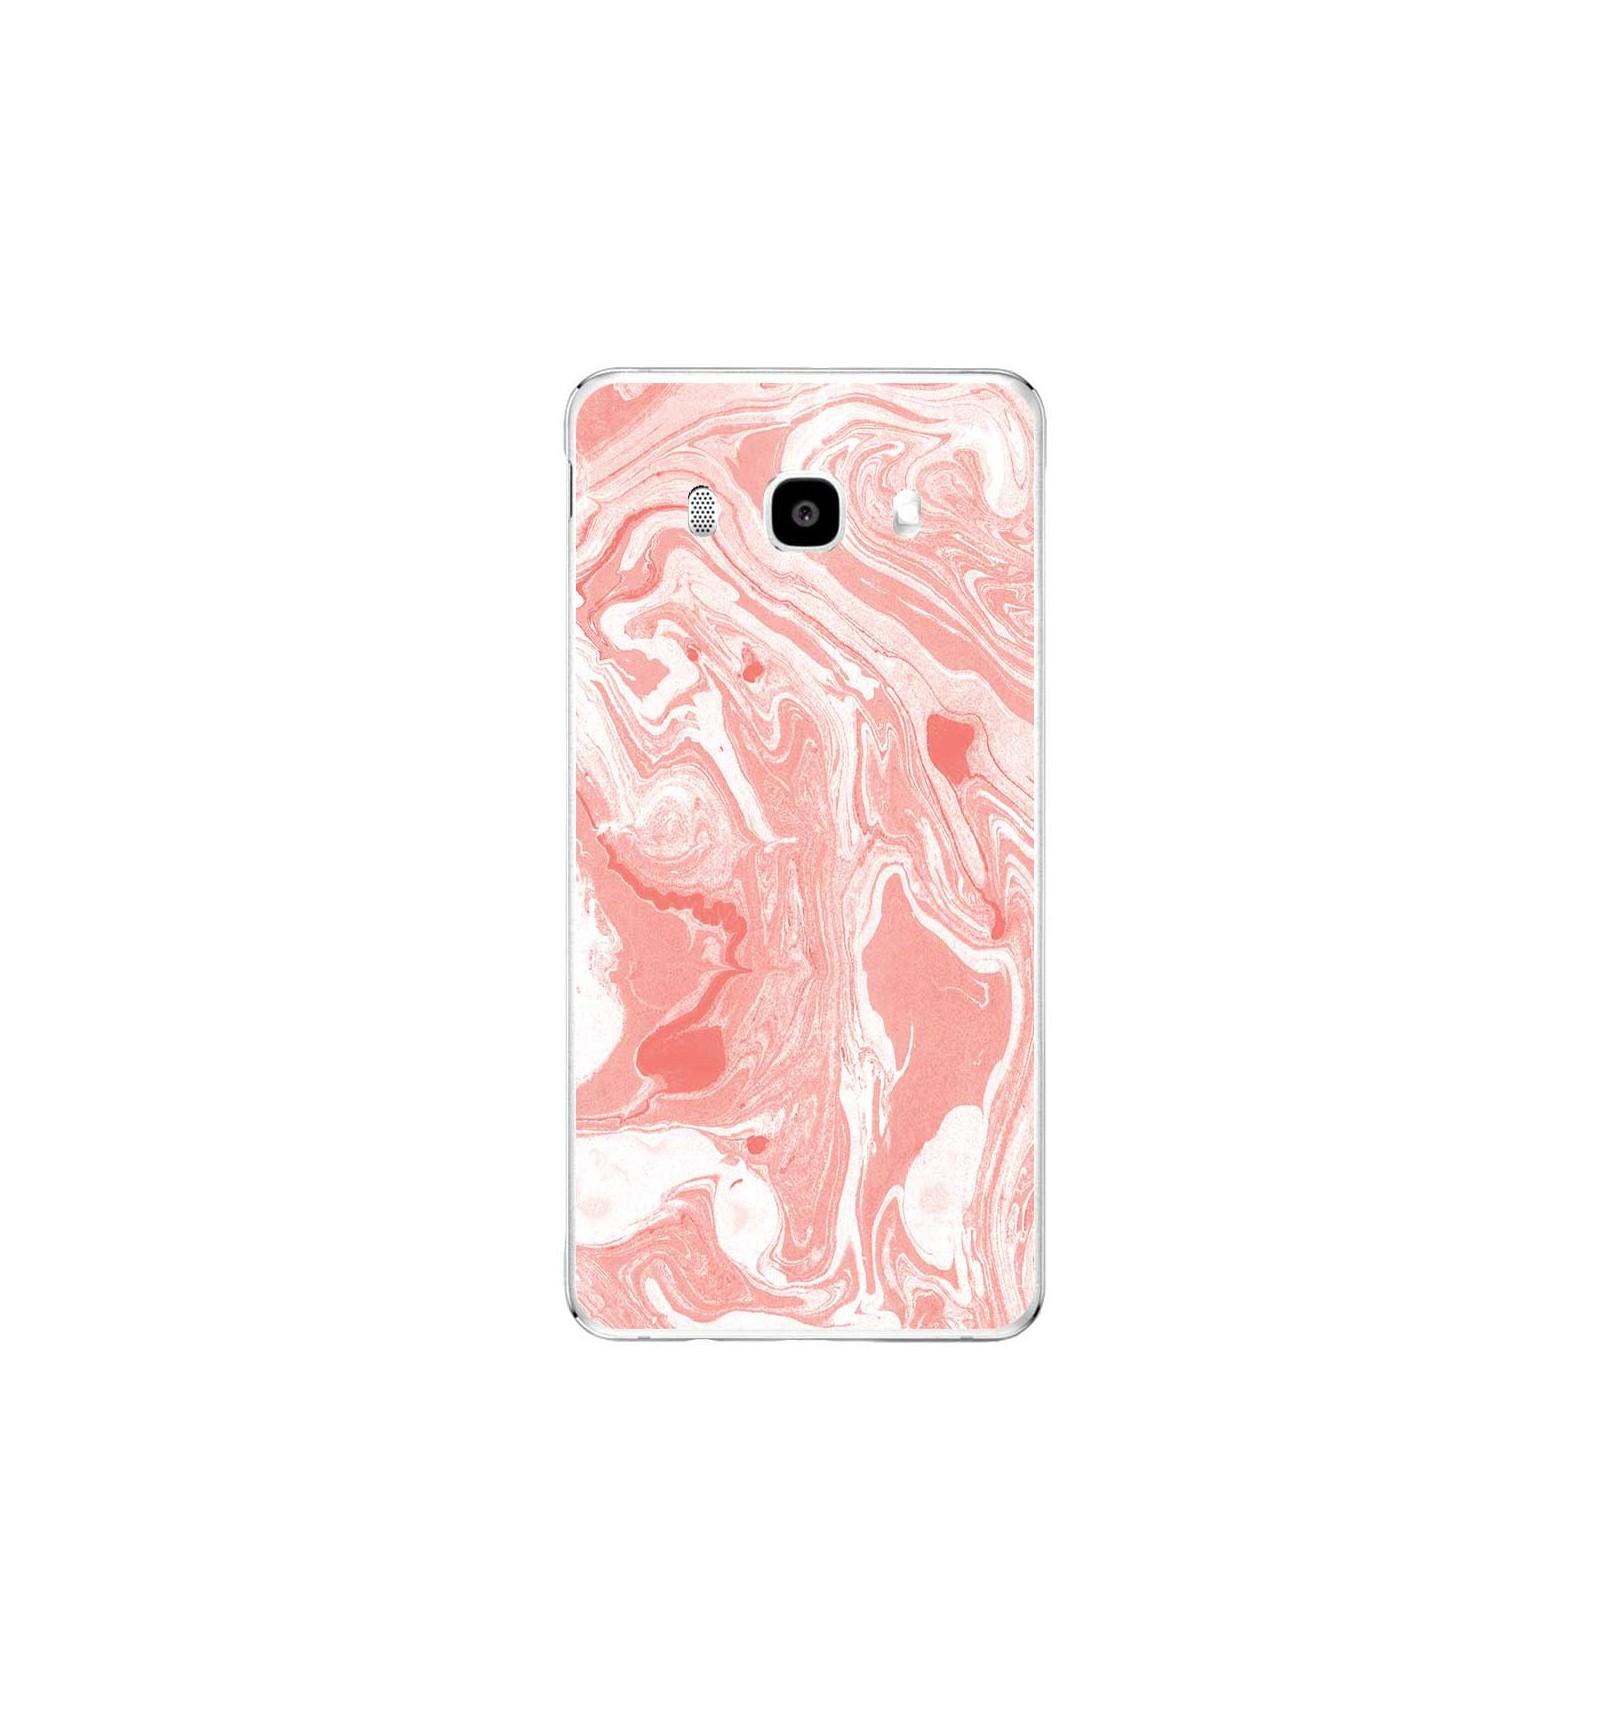 coque samsung j5 2016 marbre rose